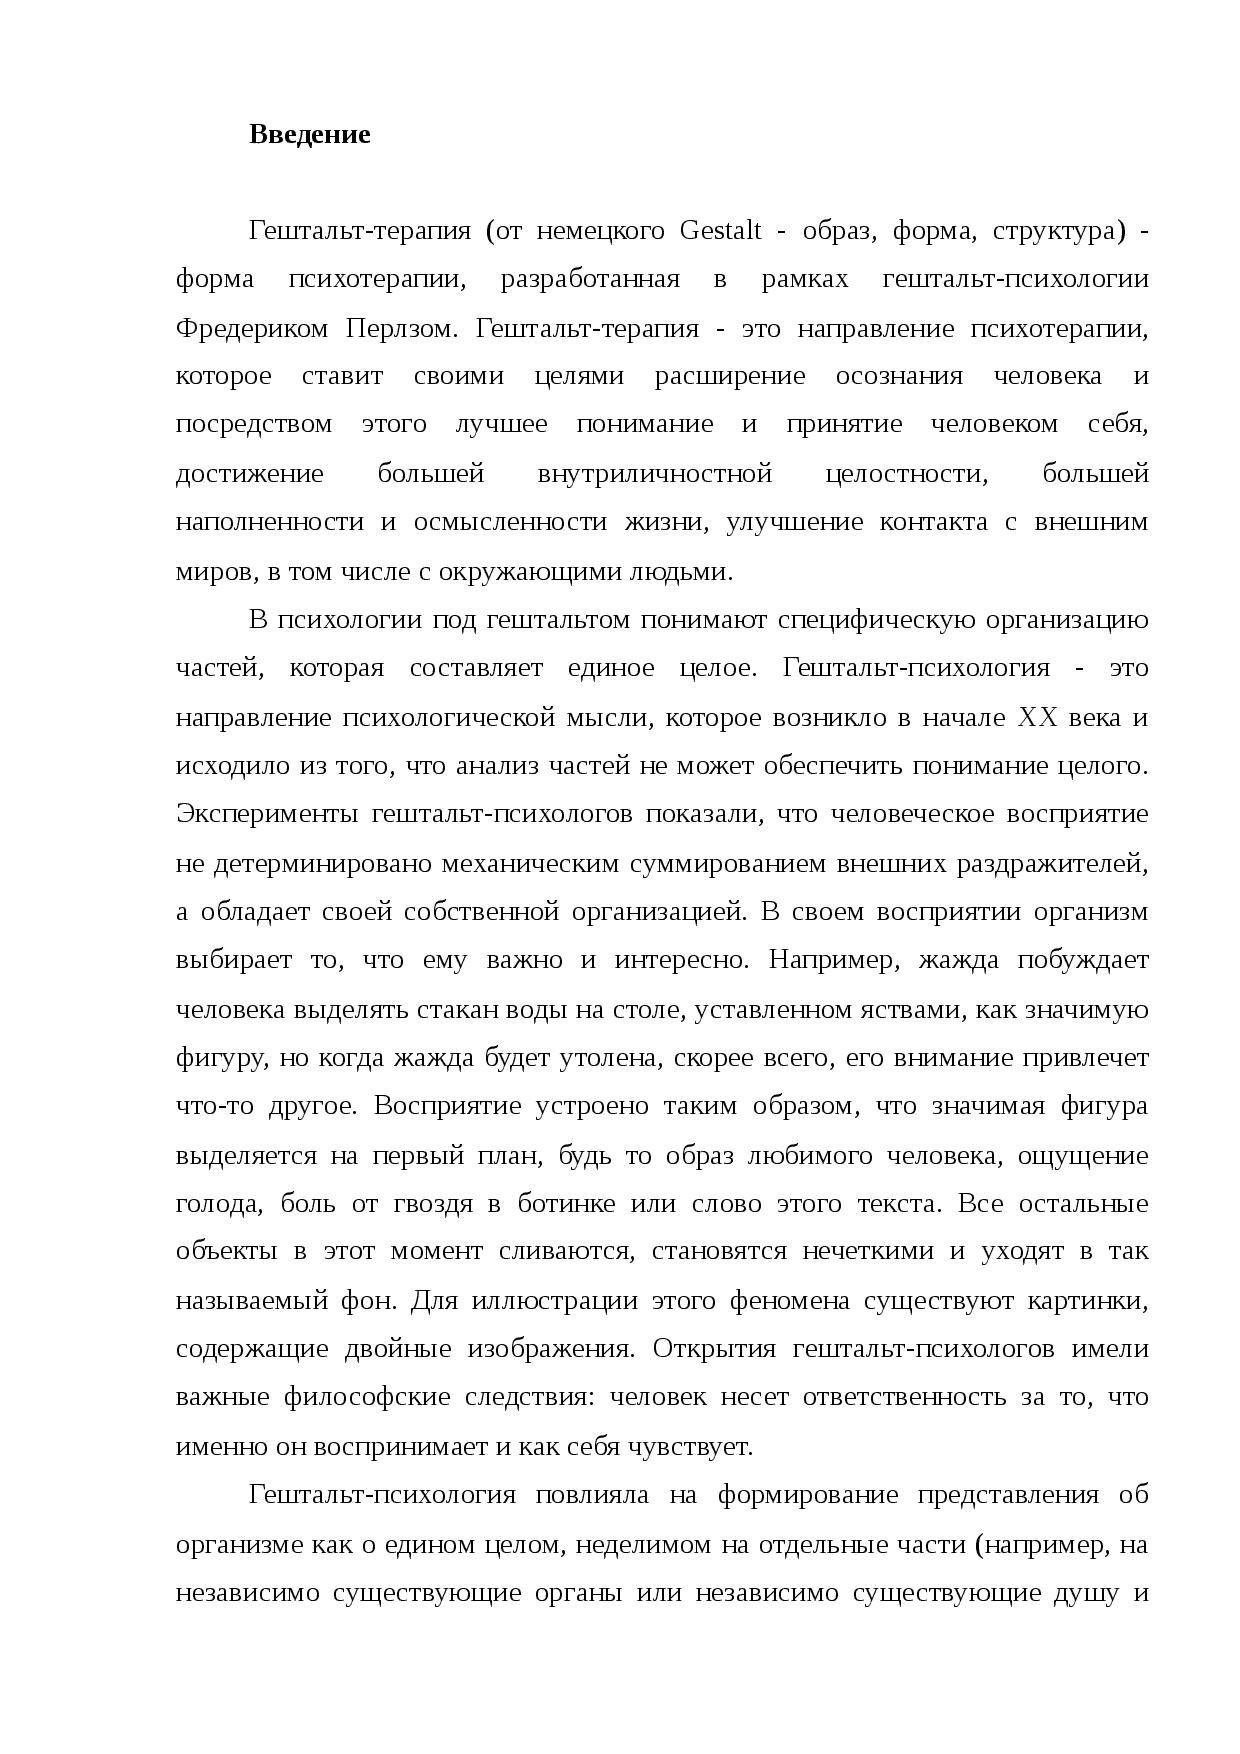 Кратко об основных положениях и идеях гештальтпсихологии